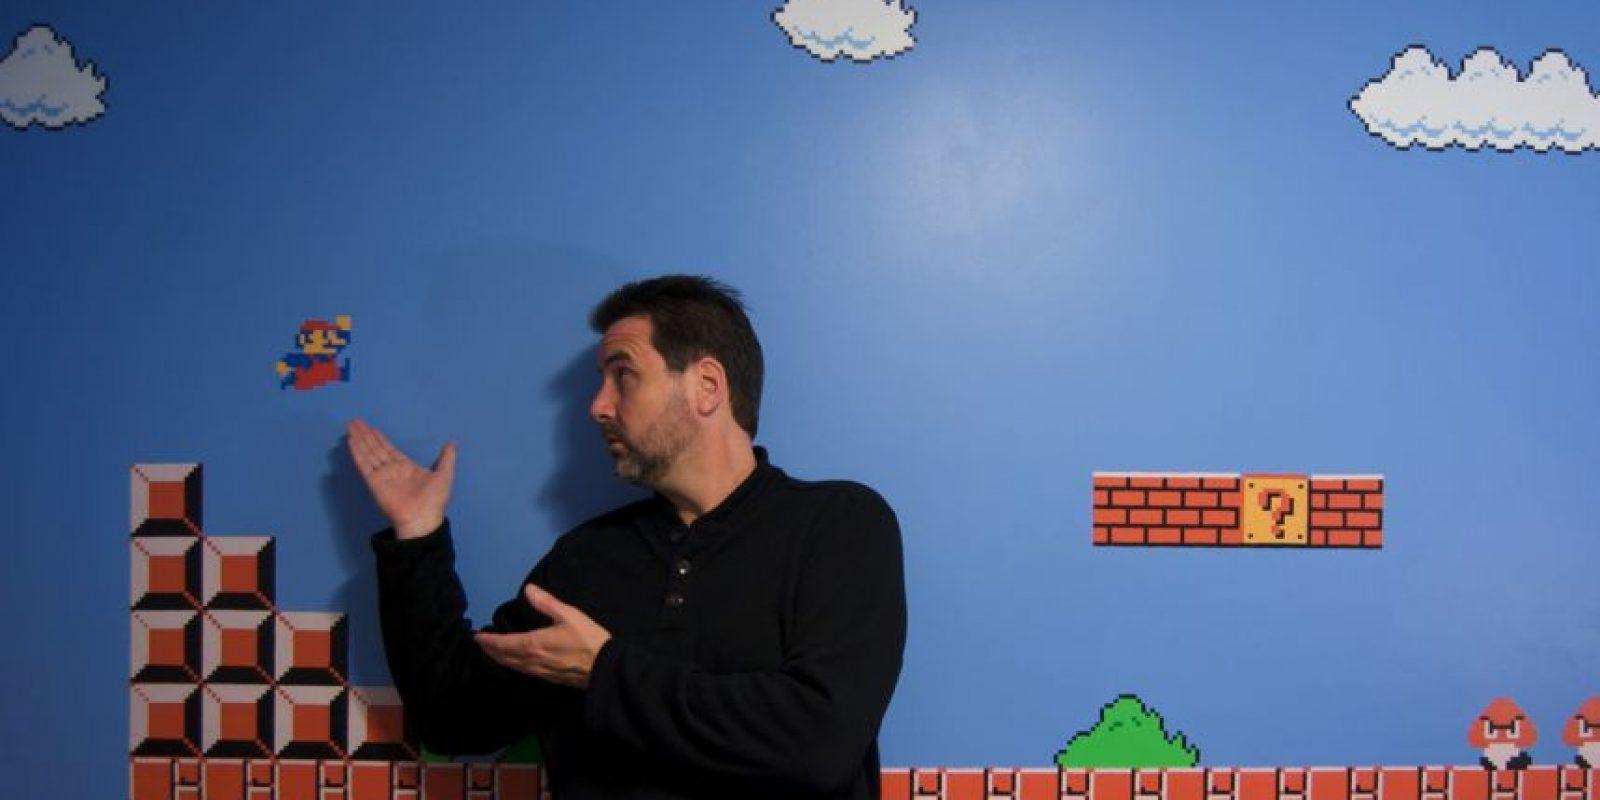 """""""Mario"""" es el personaje más famoso en la historia de los videojuegos, según Marketing Evaluations Foto:flickr.com/photos/somegeekintn/"""